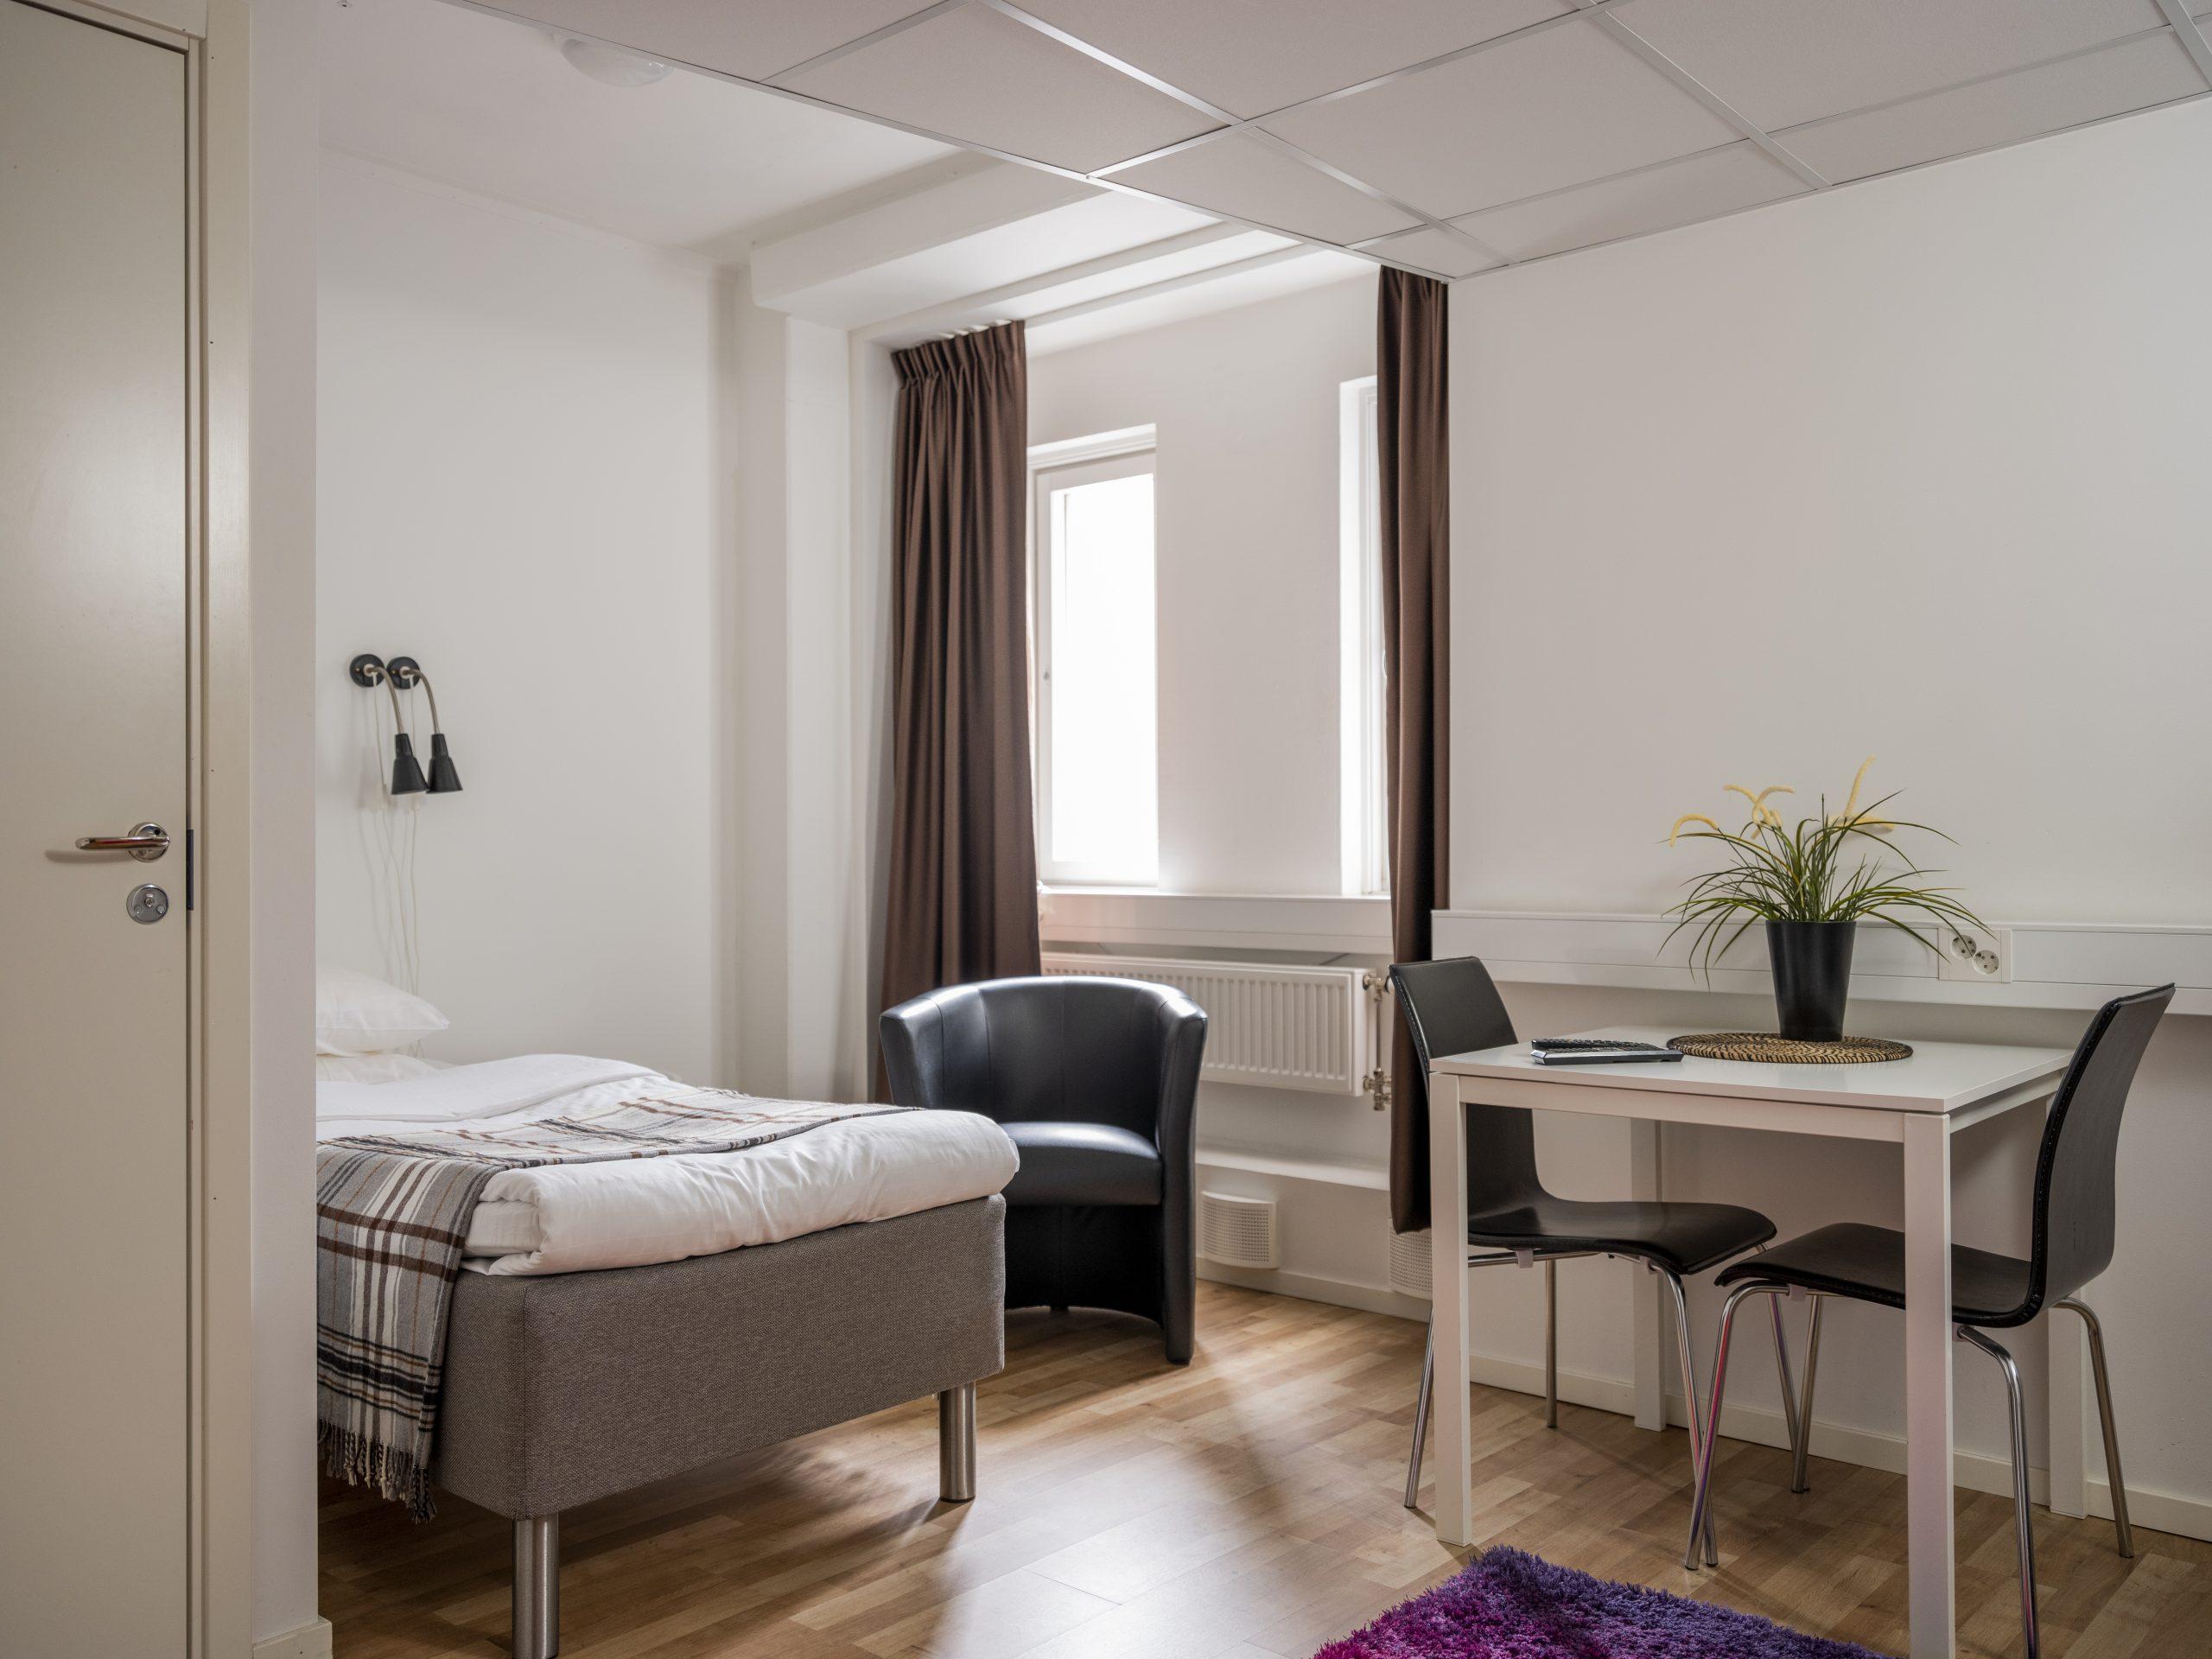 1BSA - Bed room